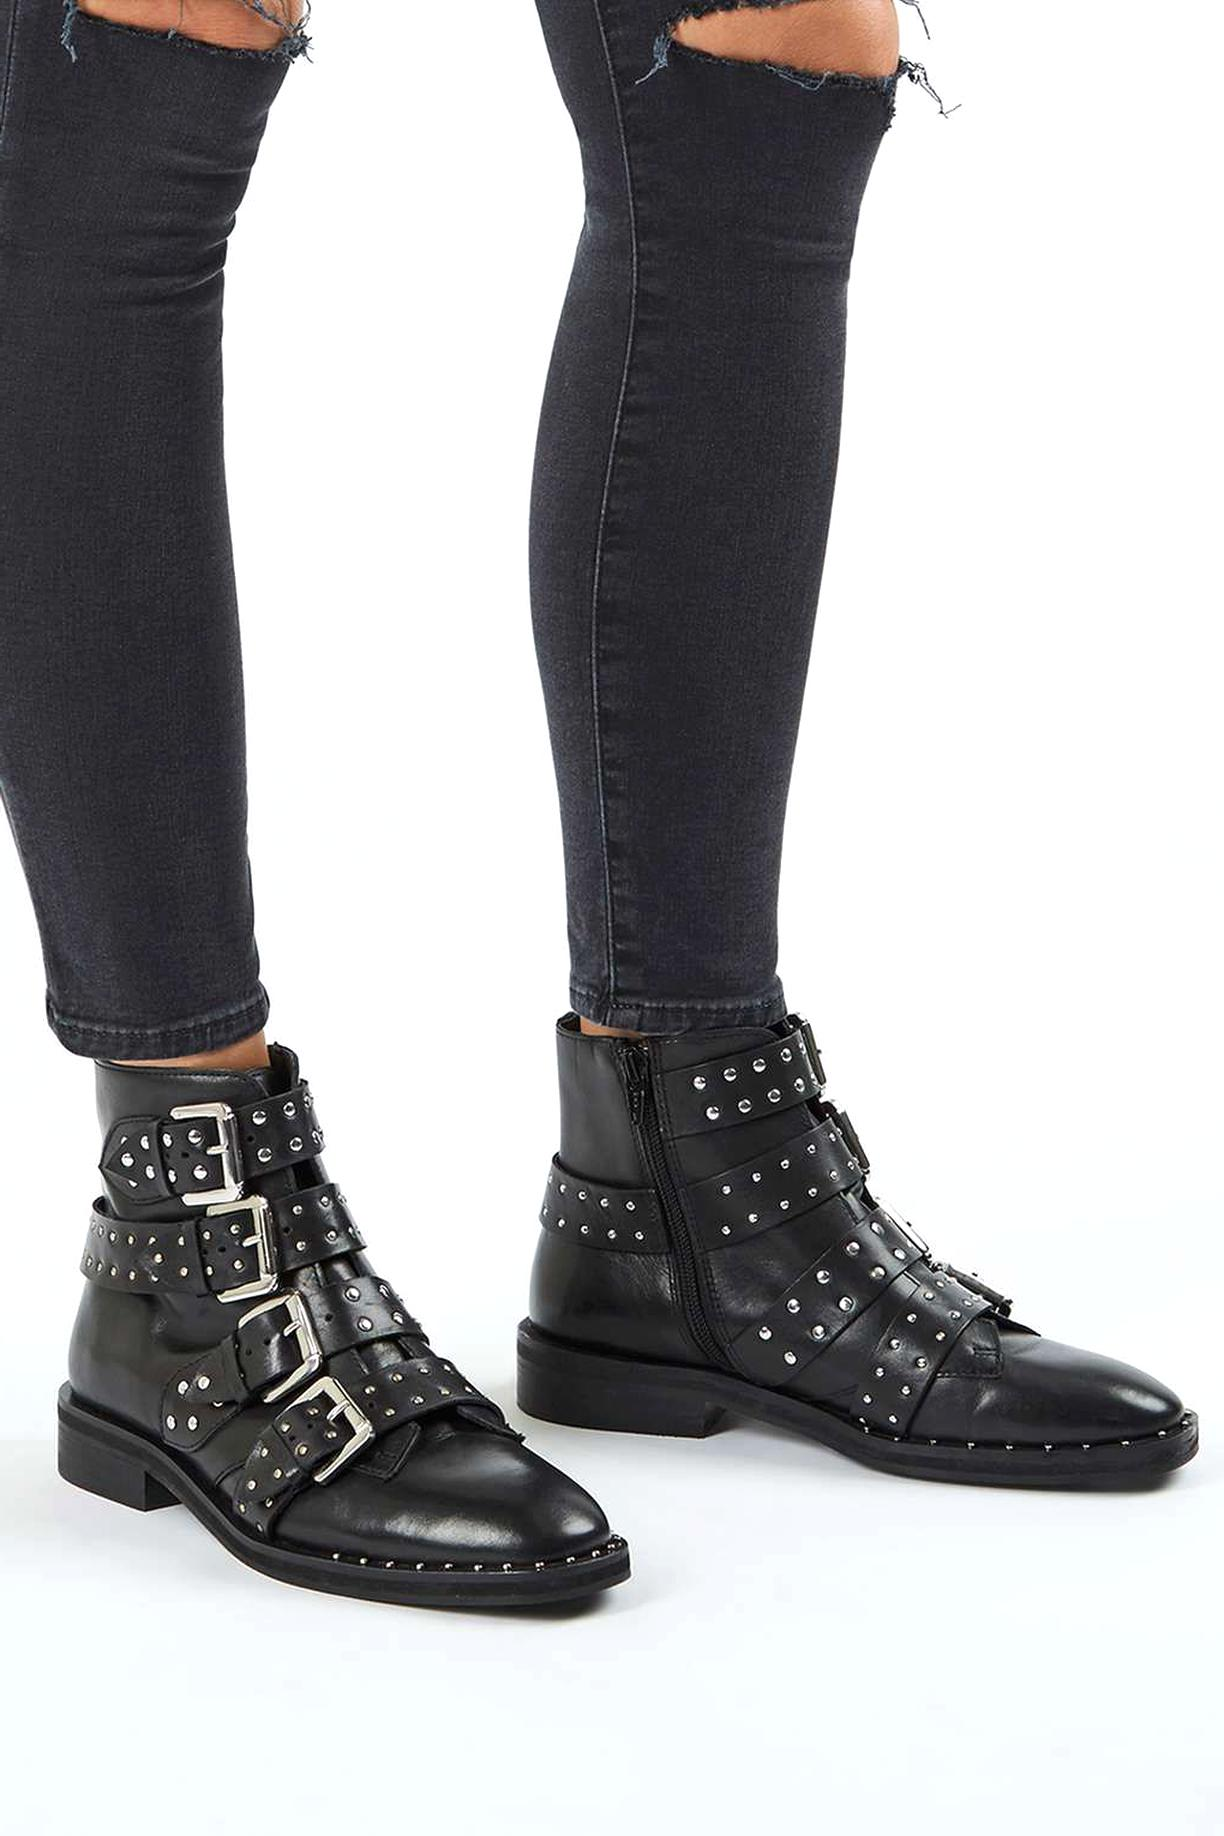 boots clous cuir d'occasion